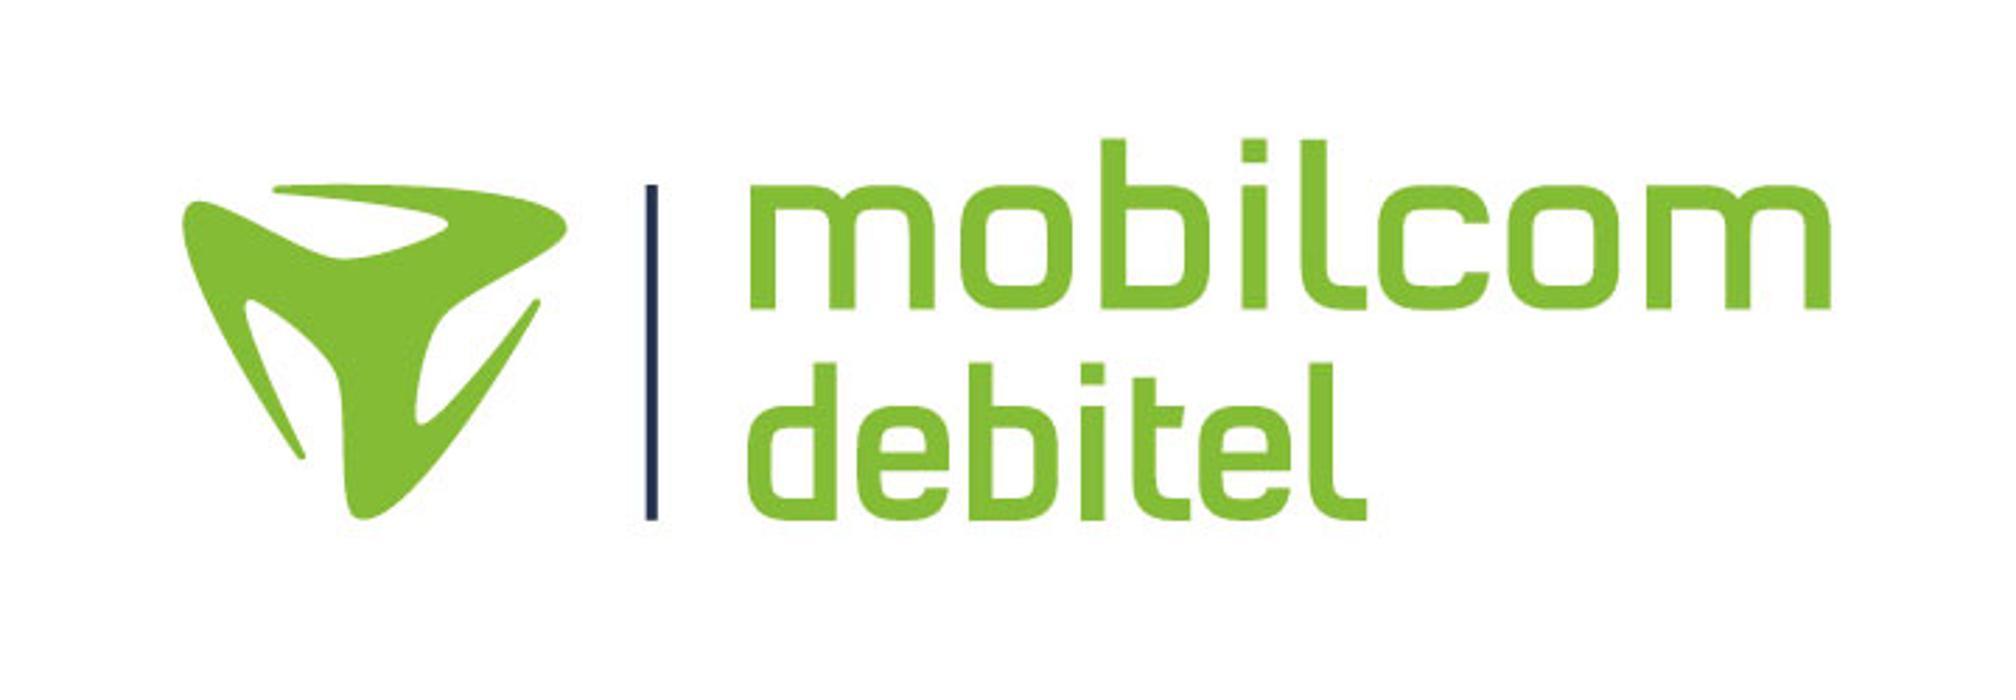 mobilcom-debitel, Breite Gasse in Nürnberg